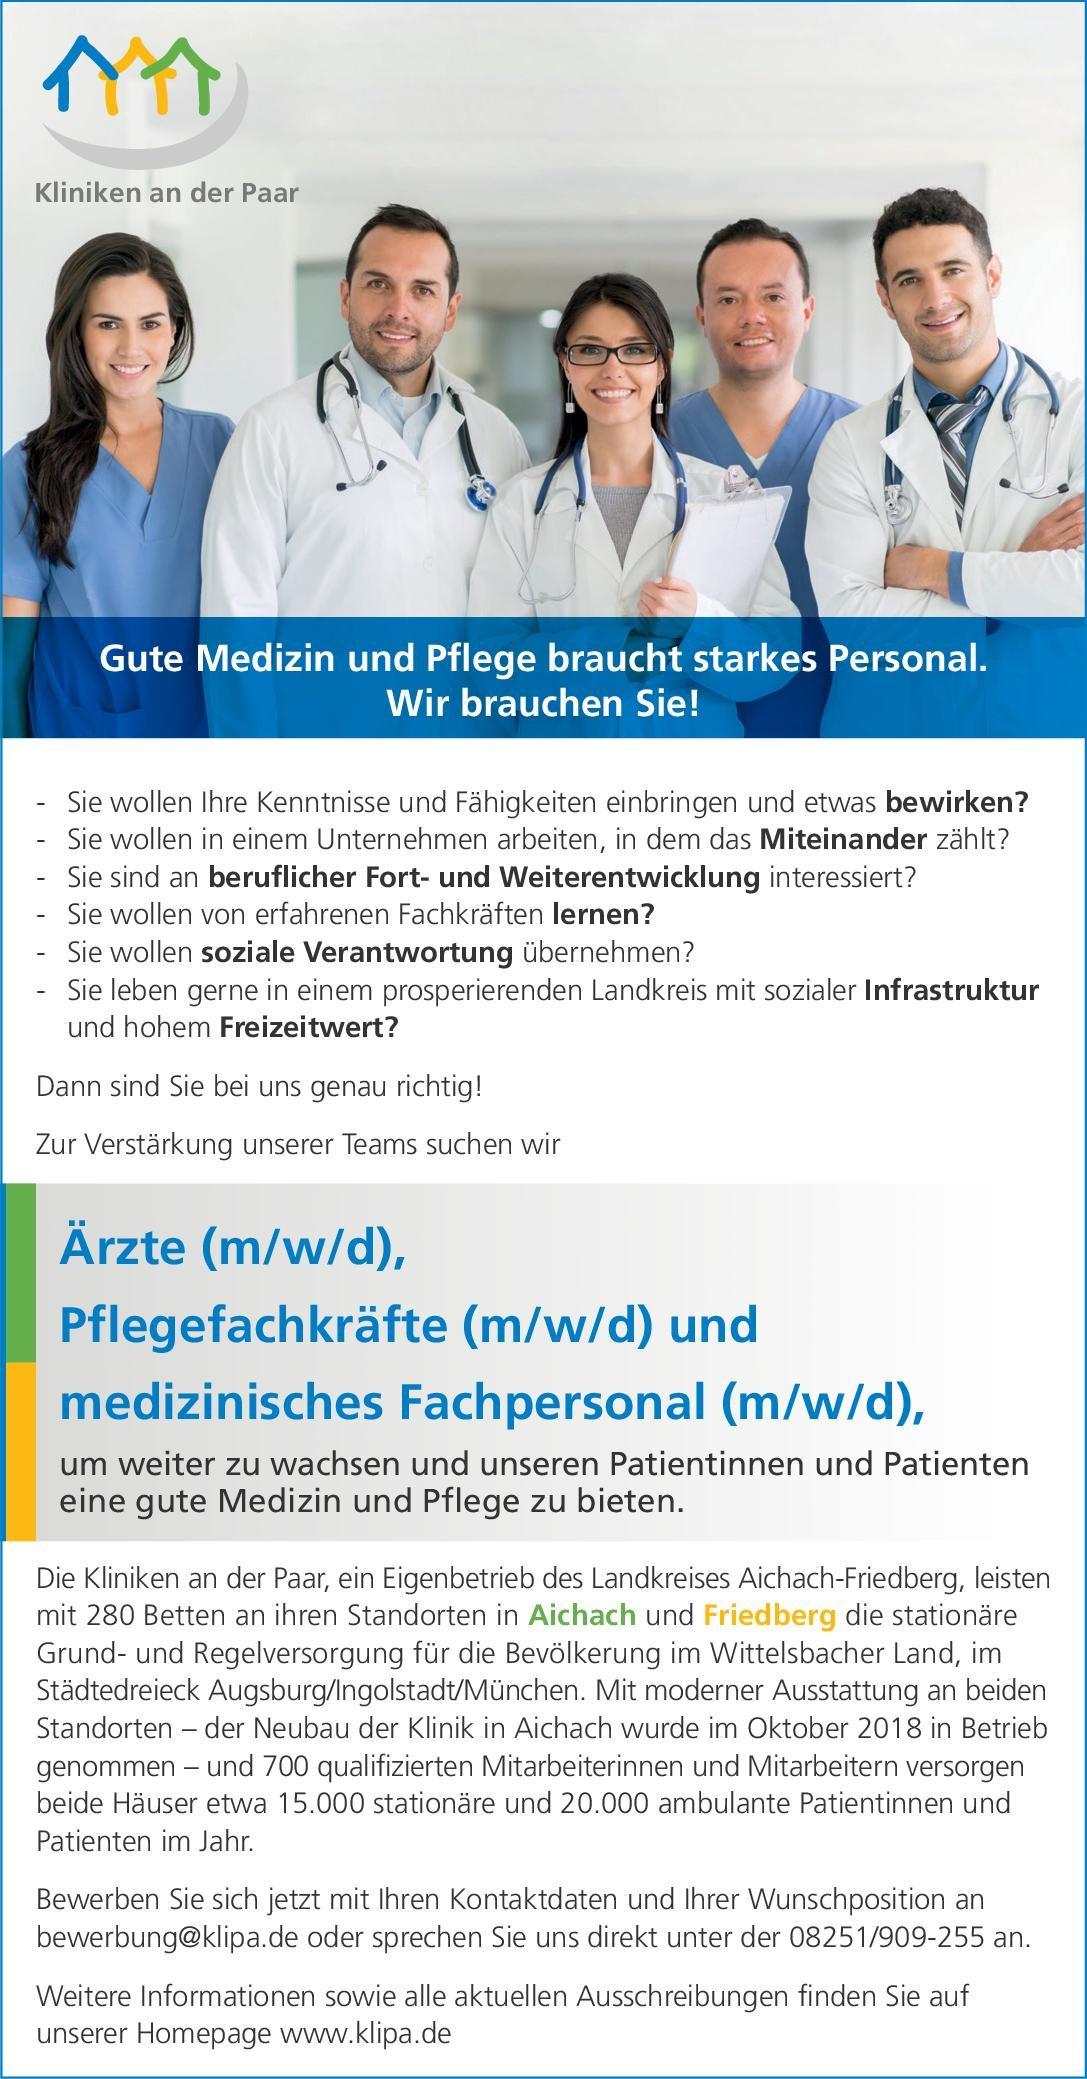 Kliniken an der Paar Ärzte (m/w/d), Pflegekräfte (m/w/d) und medizinisches Fachpersonal (m/w/d)  Innere Medizin, Allgemeinmedizin, Chirurgie Andere Tätigkeit, Arzt / Facharzt